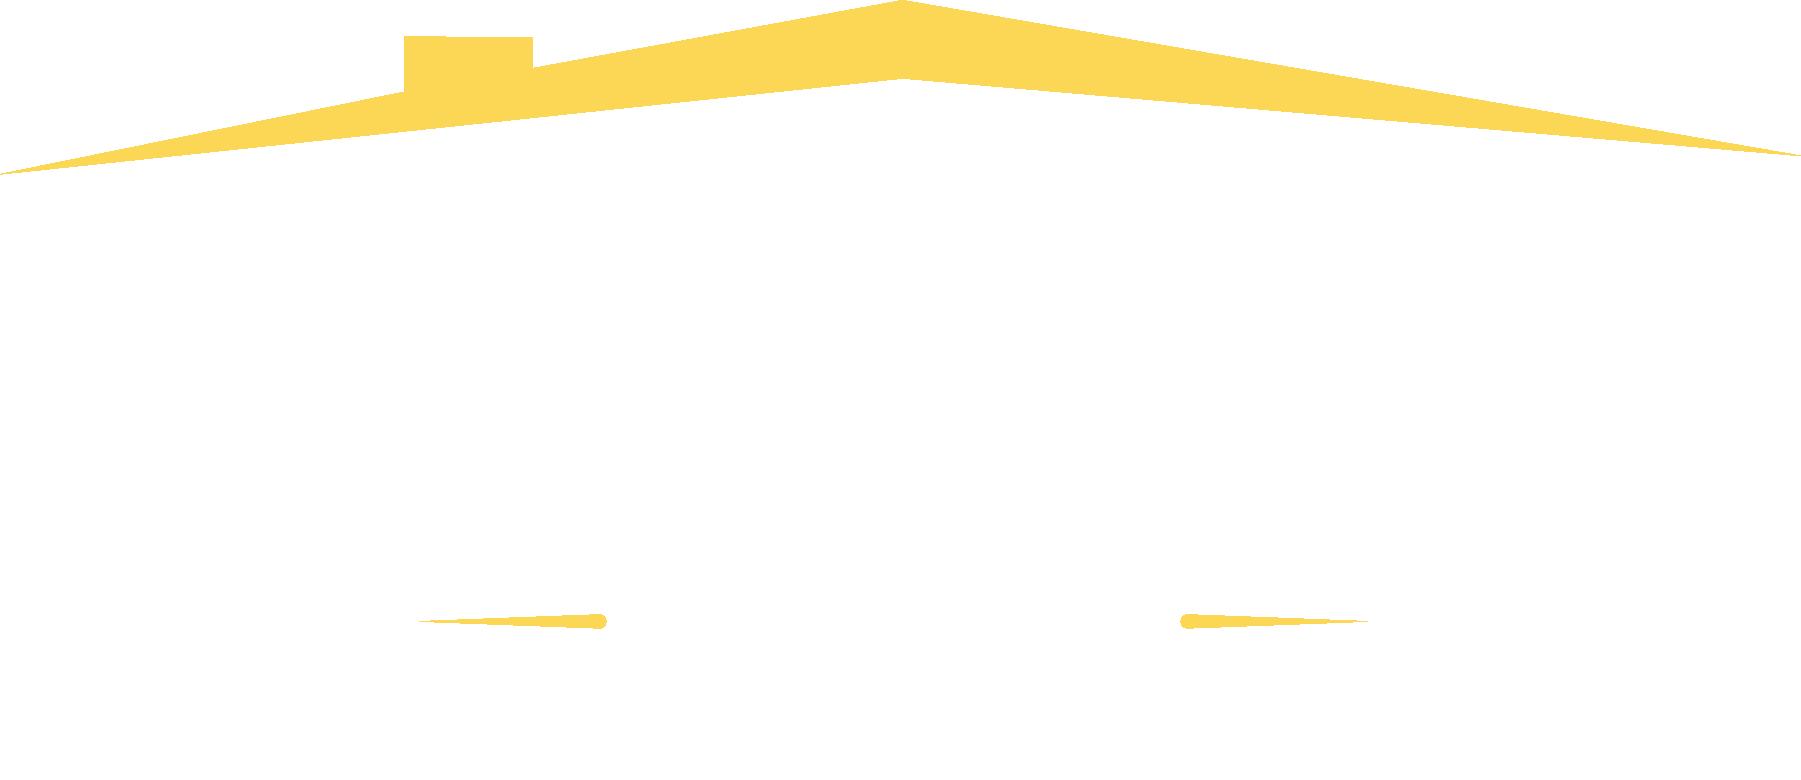 Keller Knapp